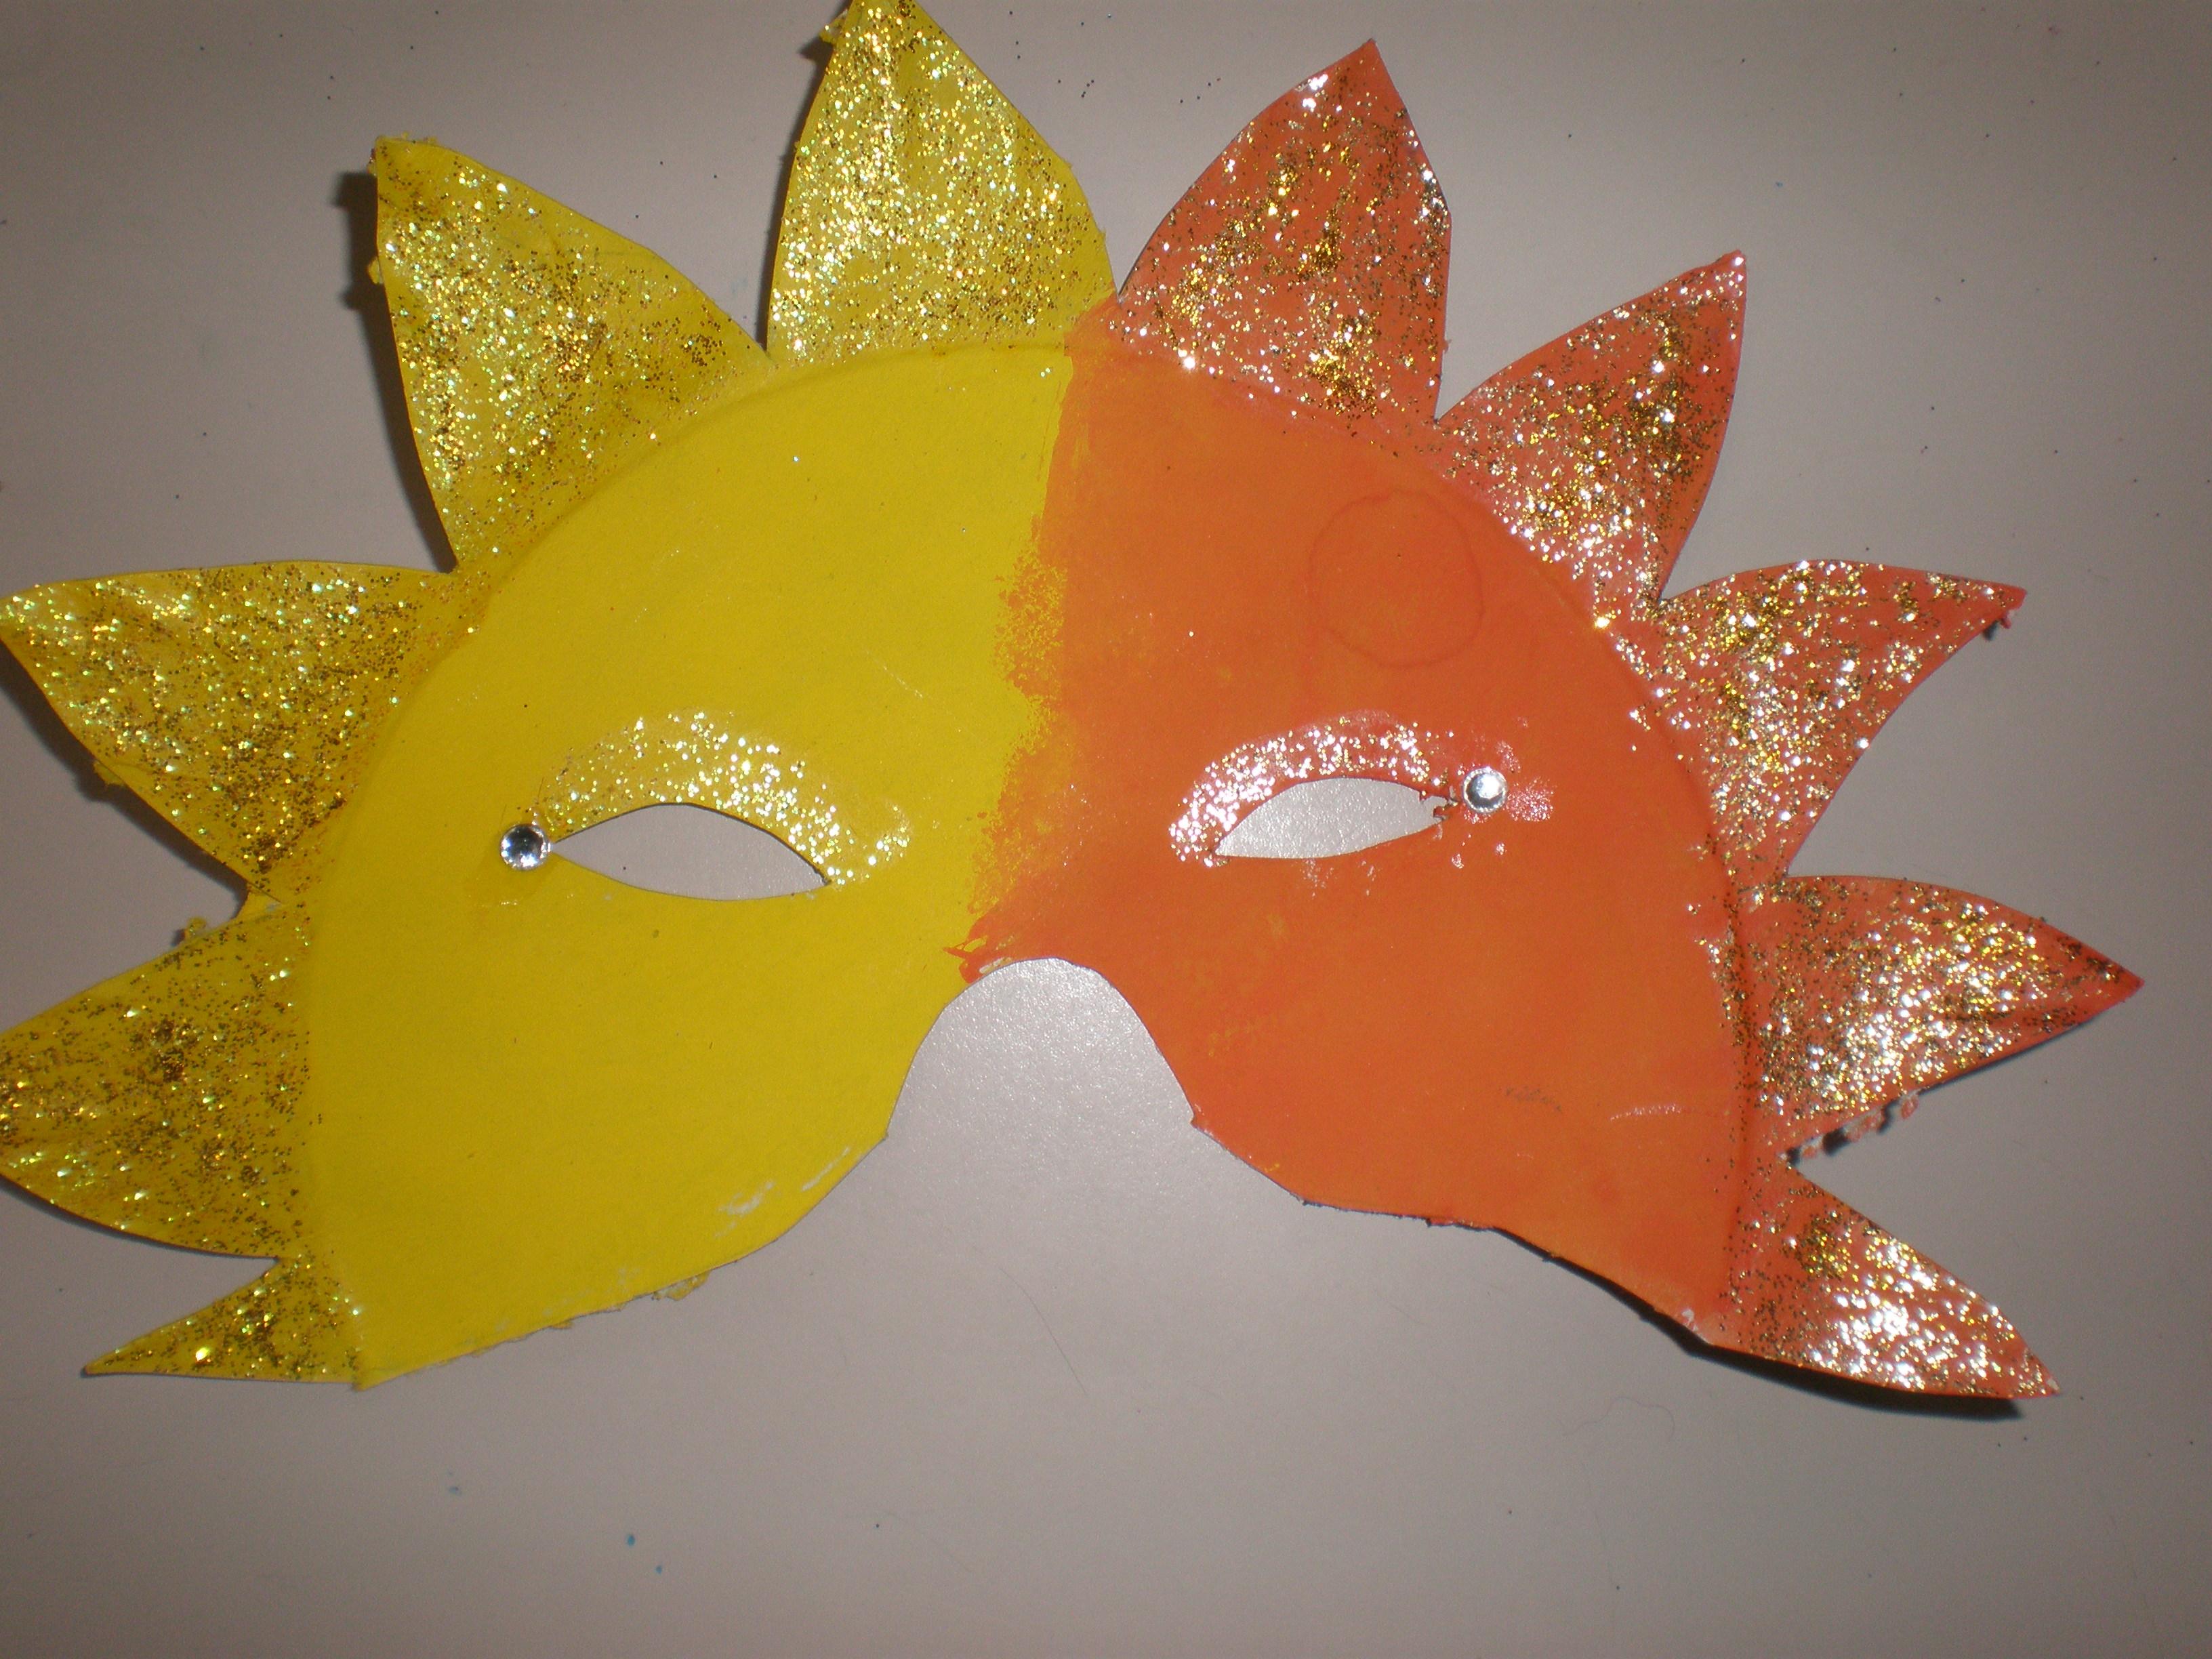 Les masques pour la personne par la pâte de zinc